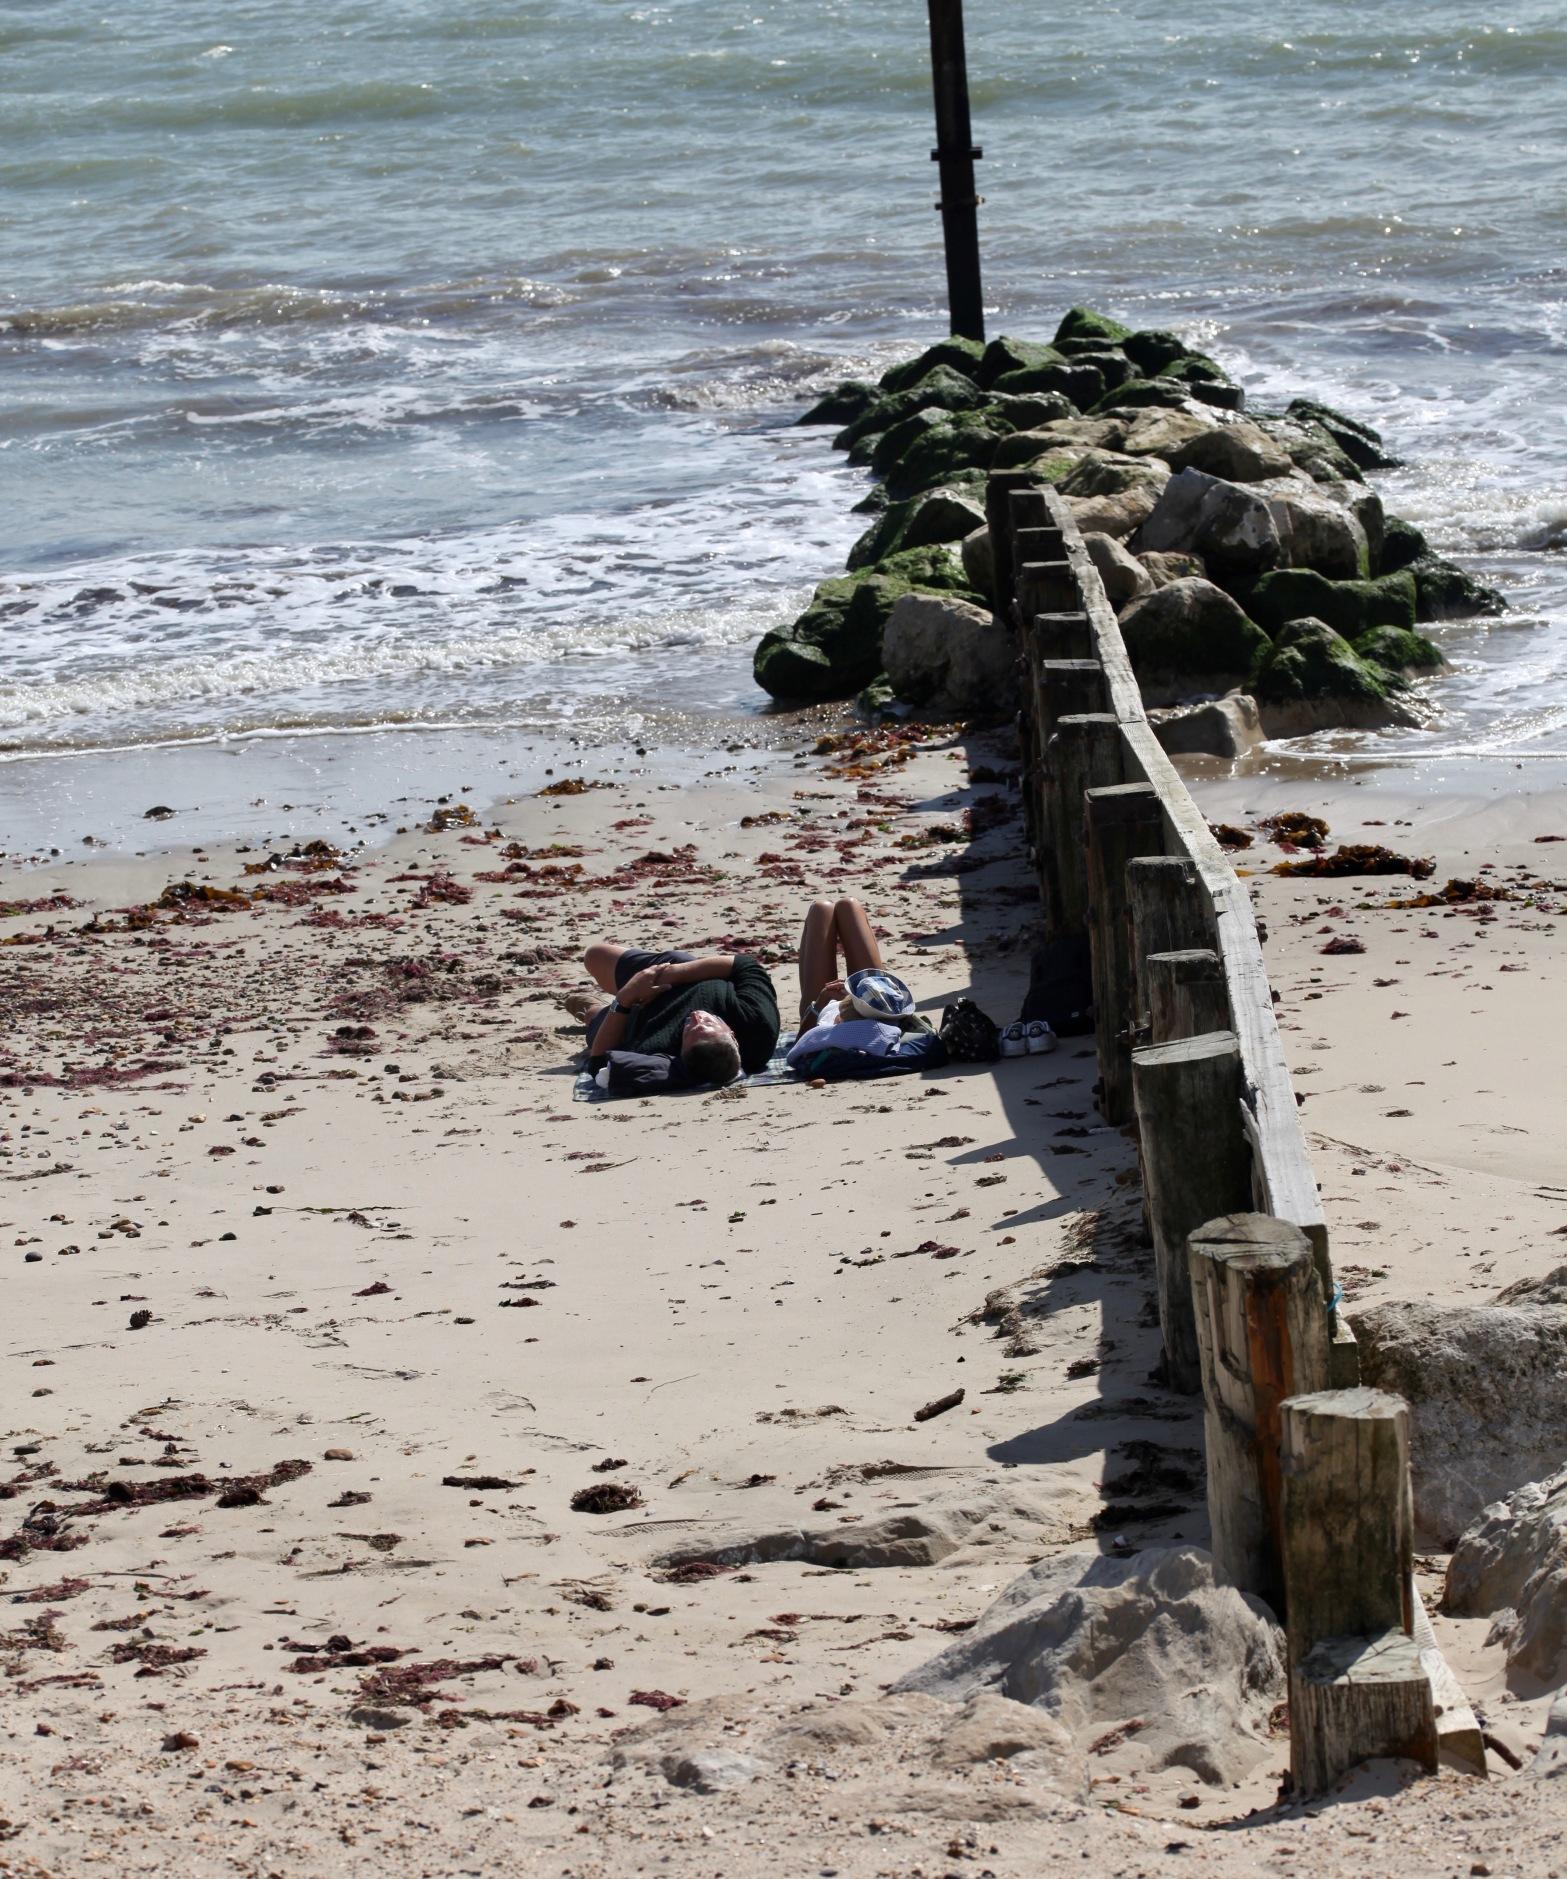 Couple on beach beside breakwater